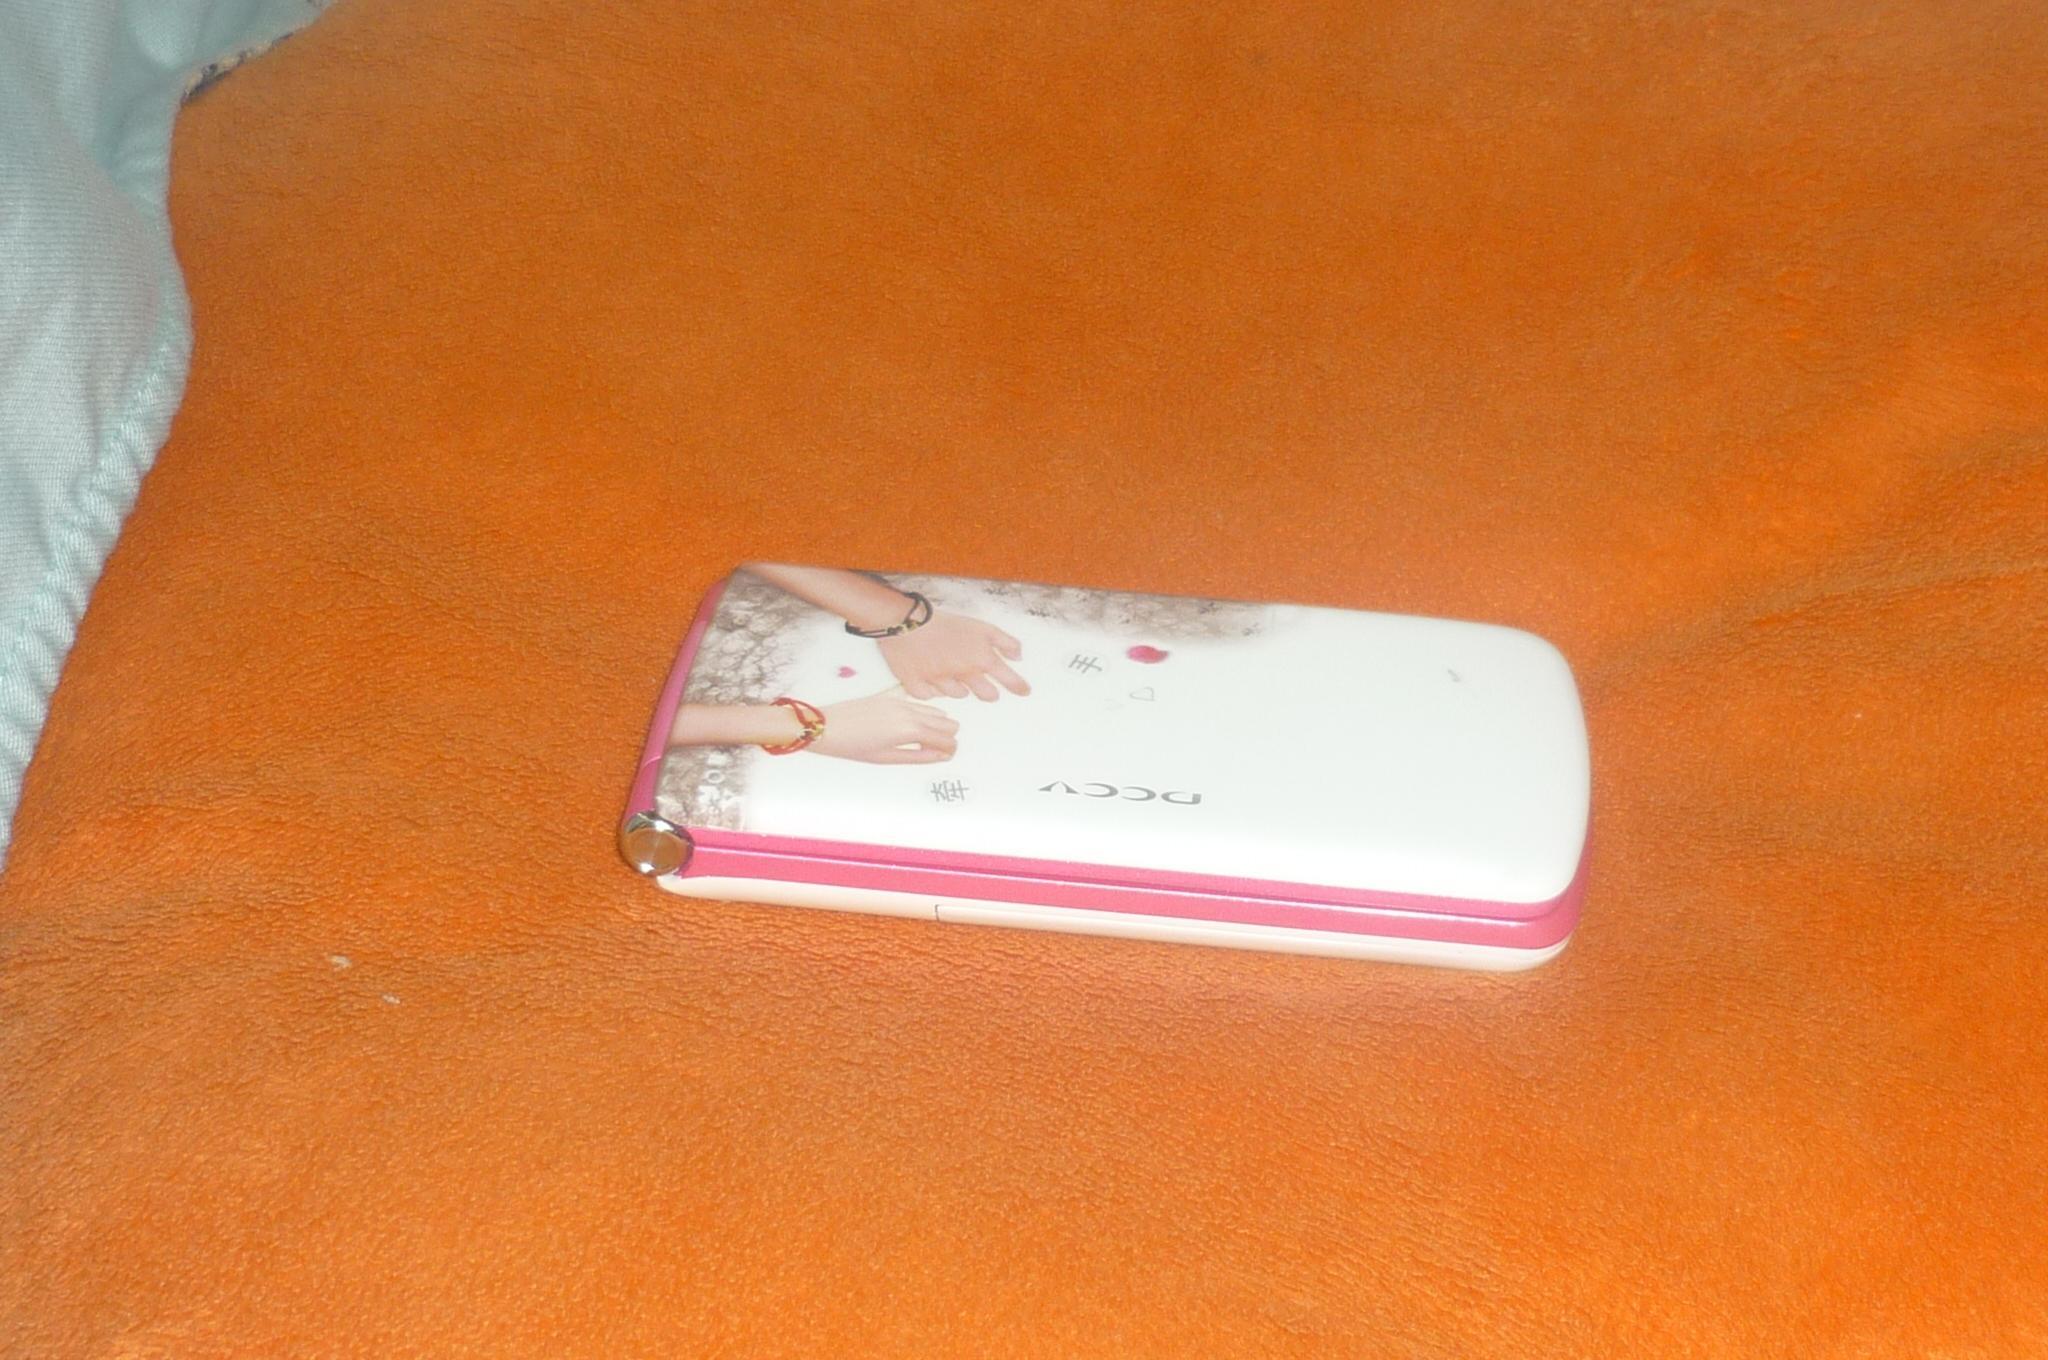 2011新款非誠勿擾情侶手機朵唯S520